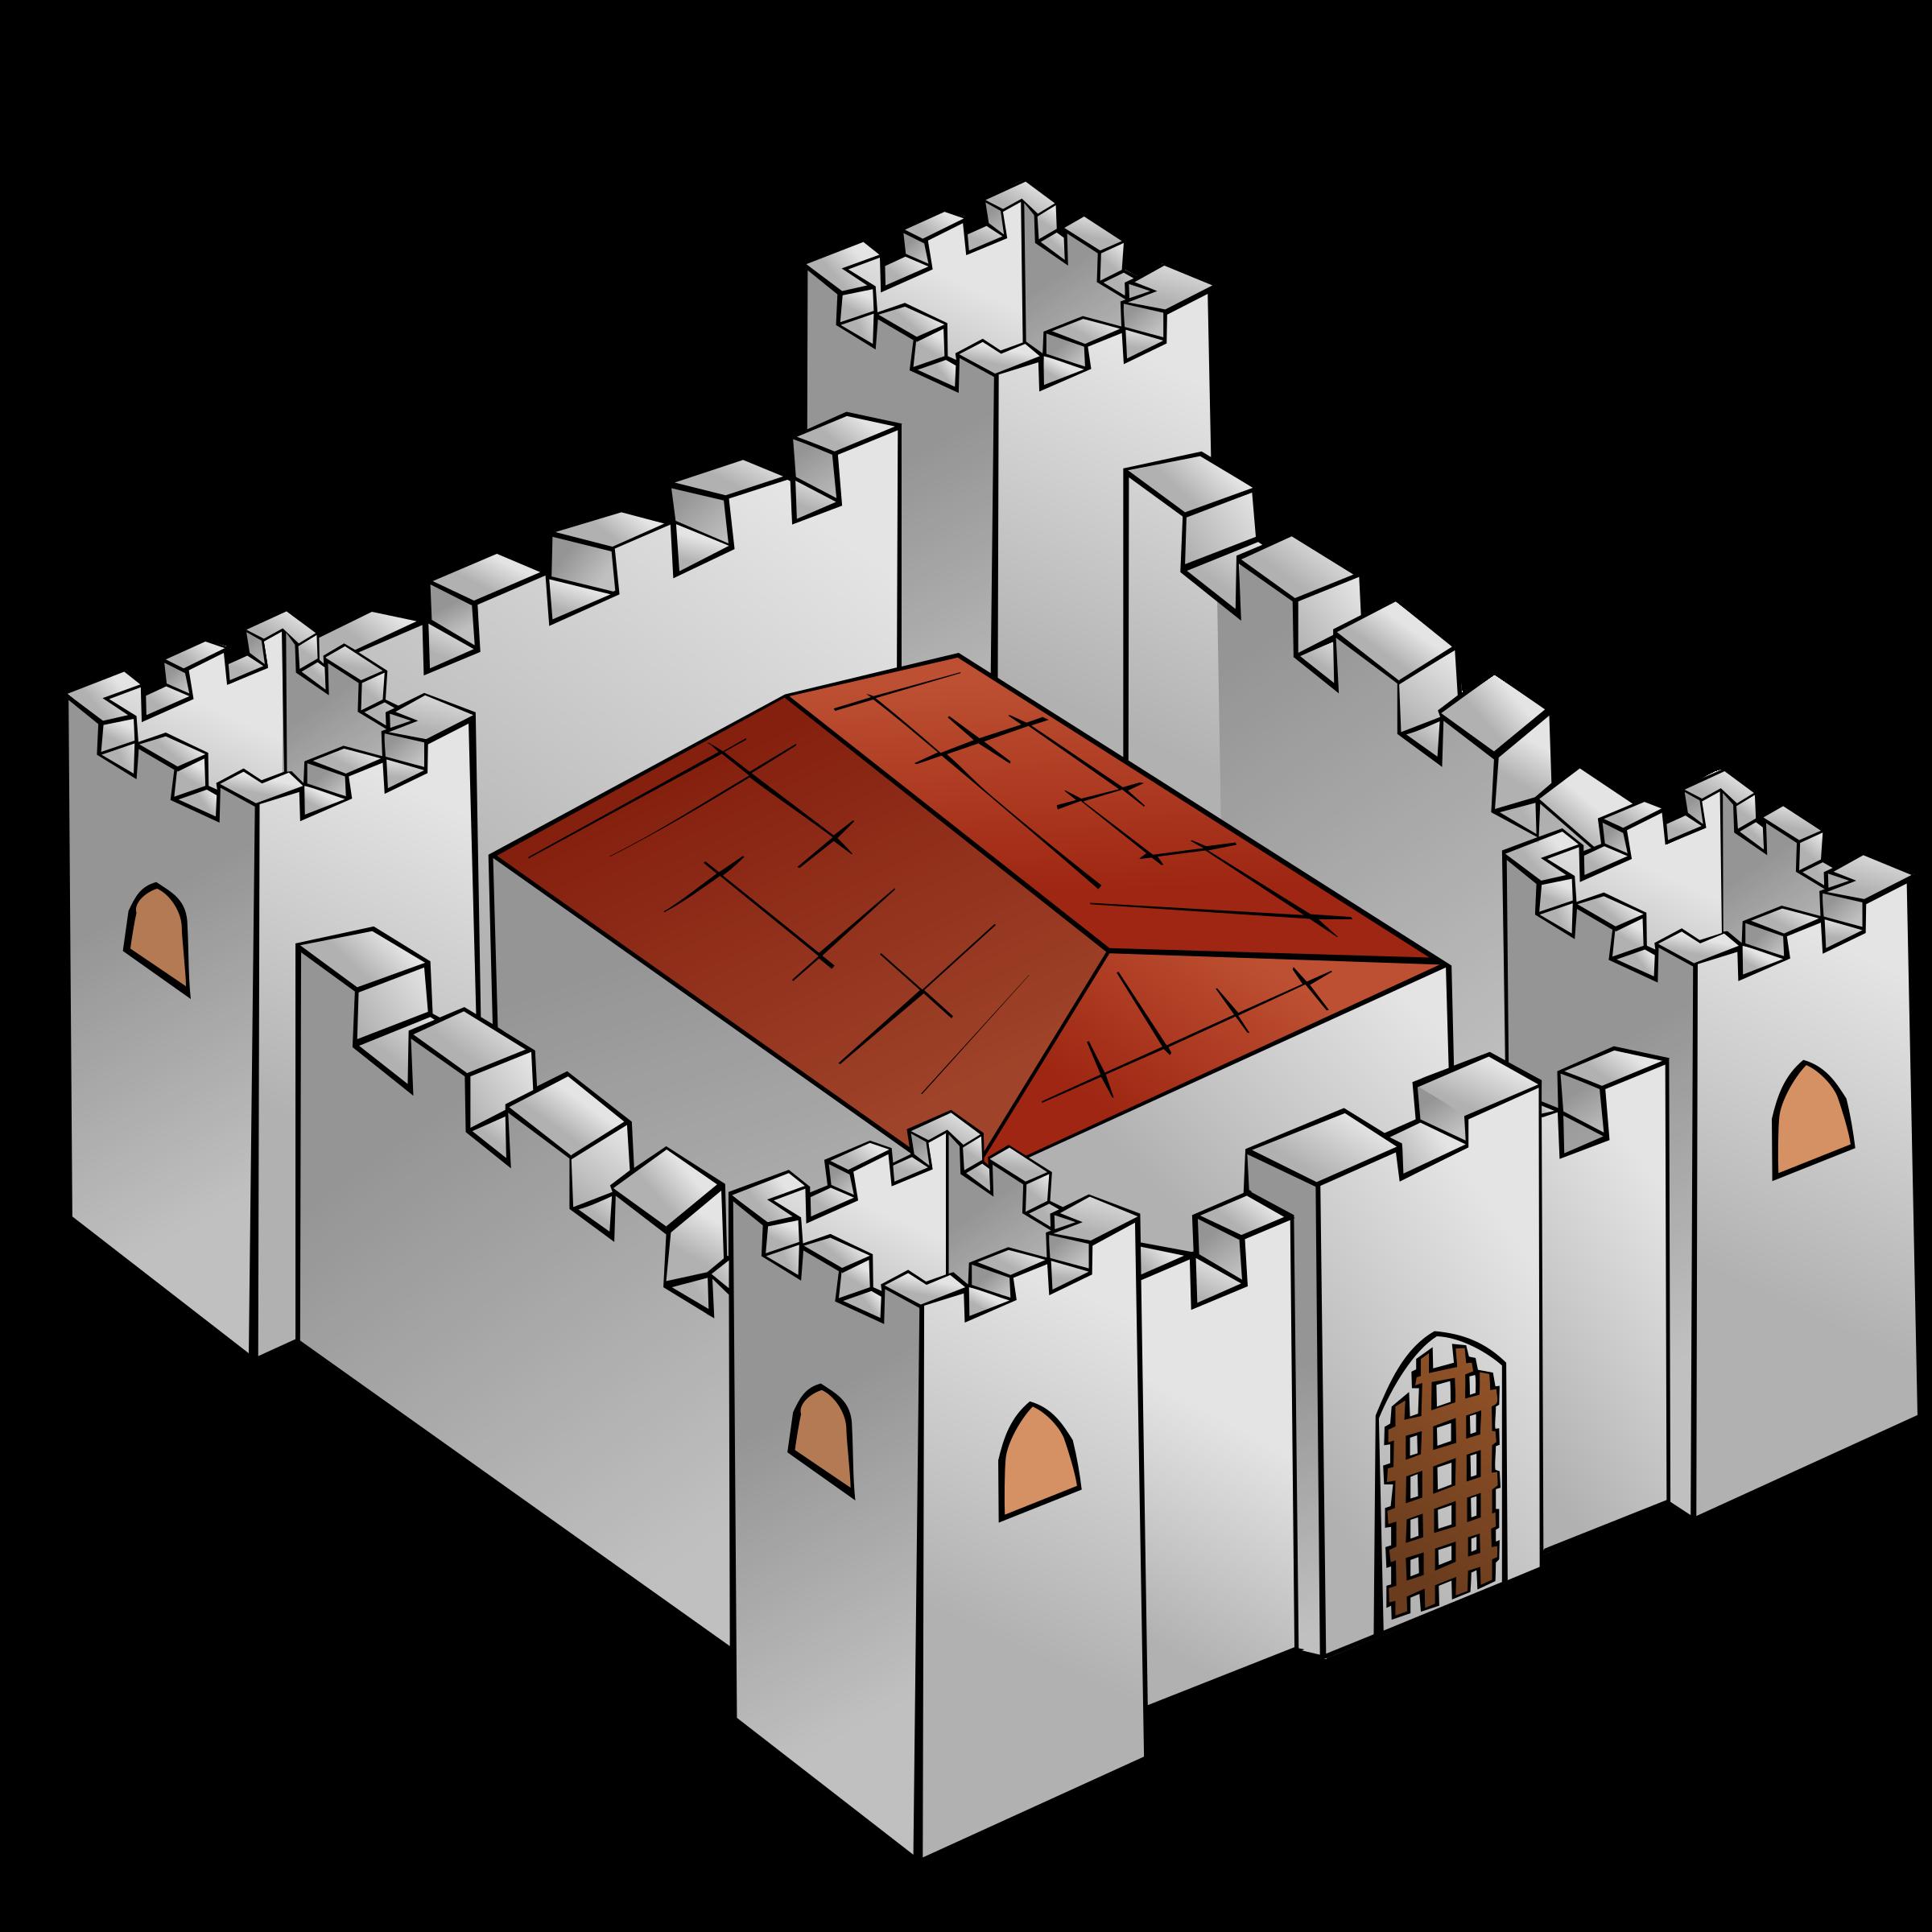 Rpg map symbols big. Clipart castle fortress